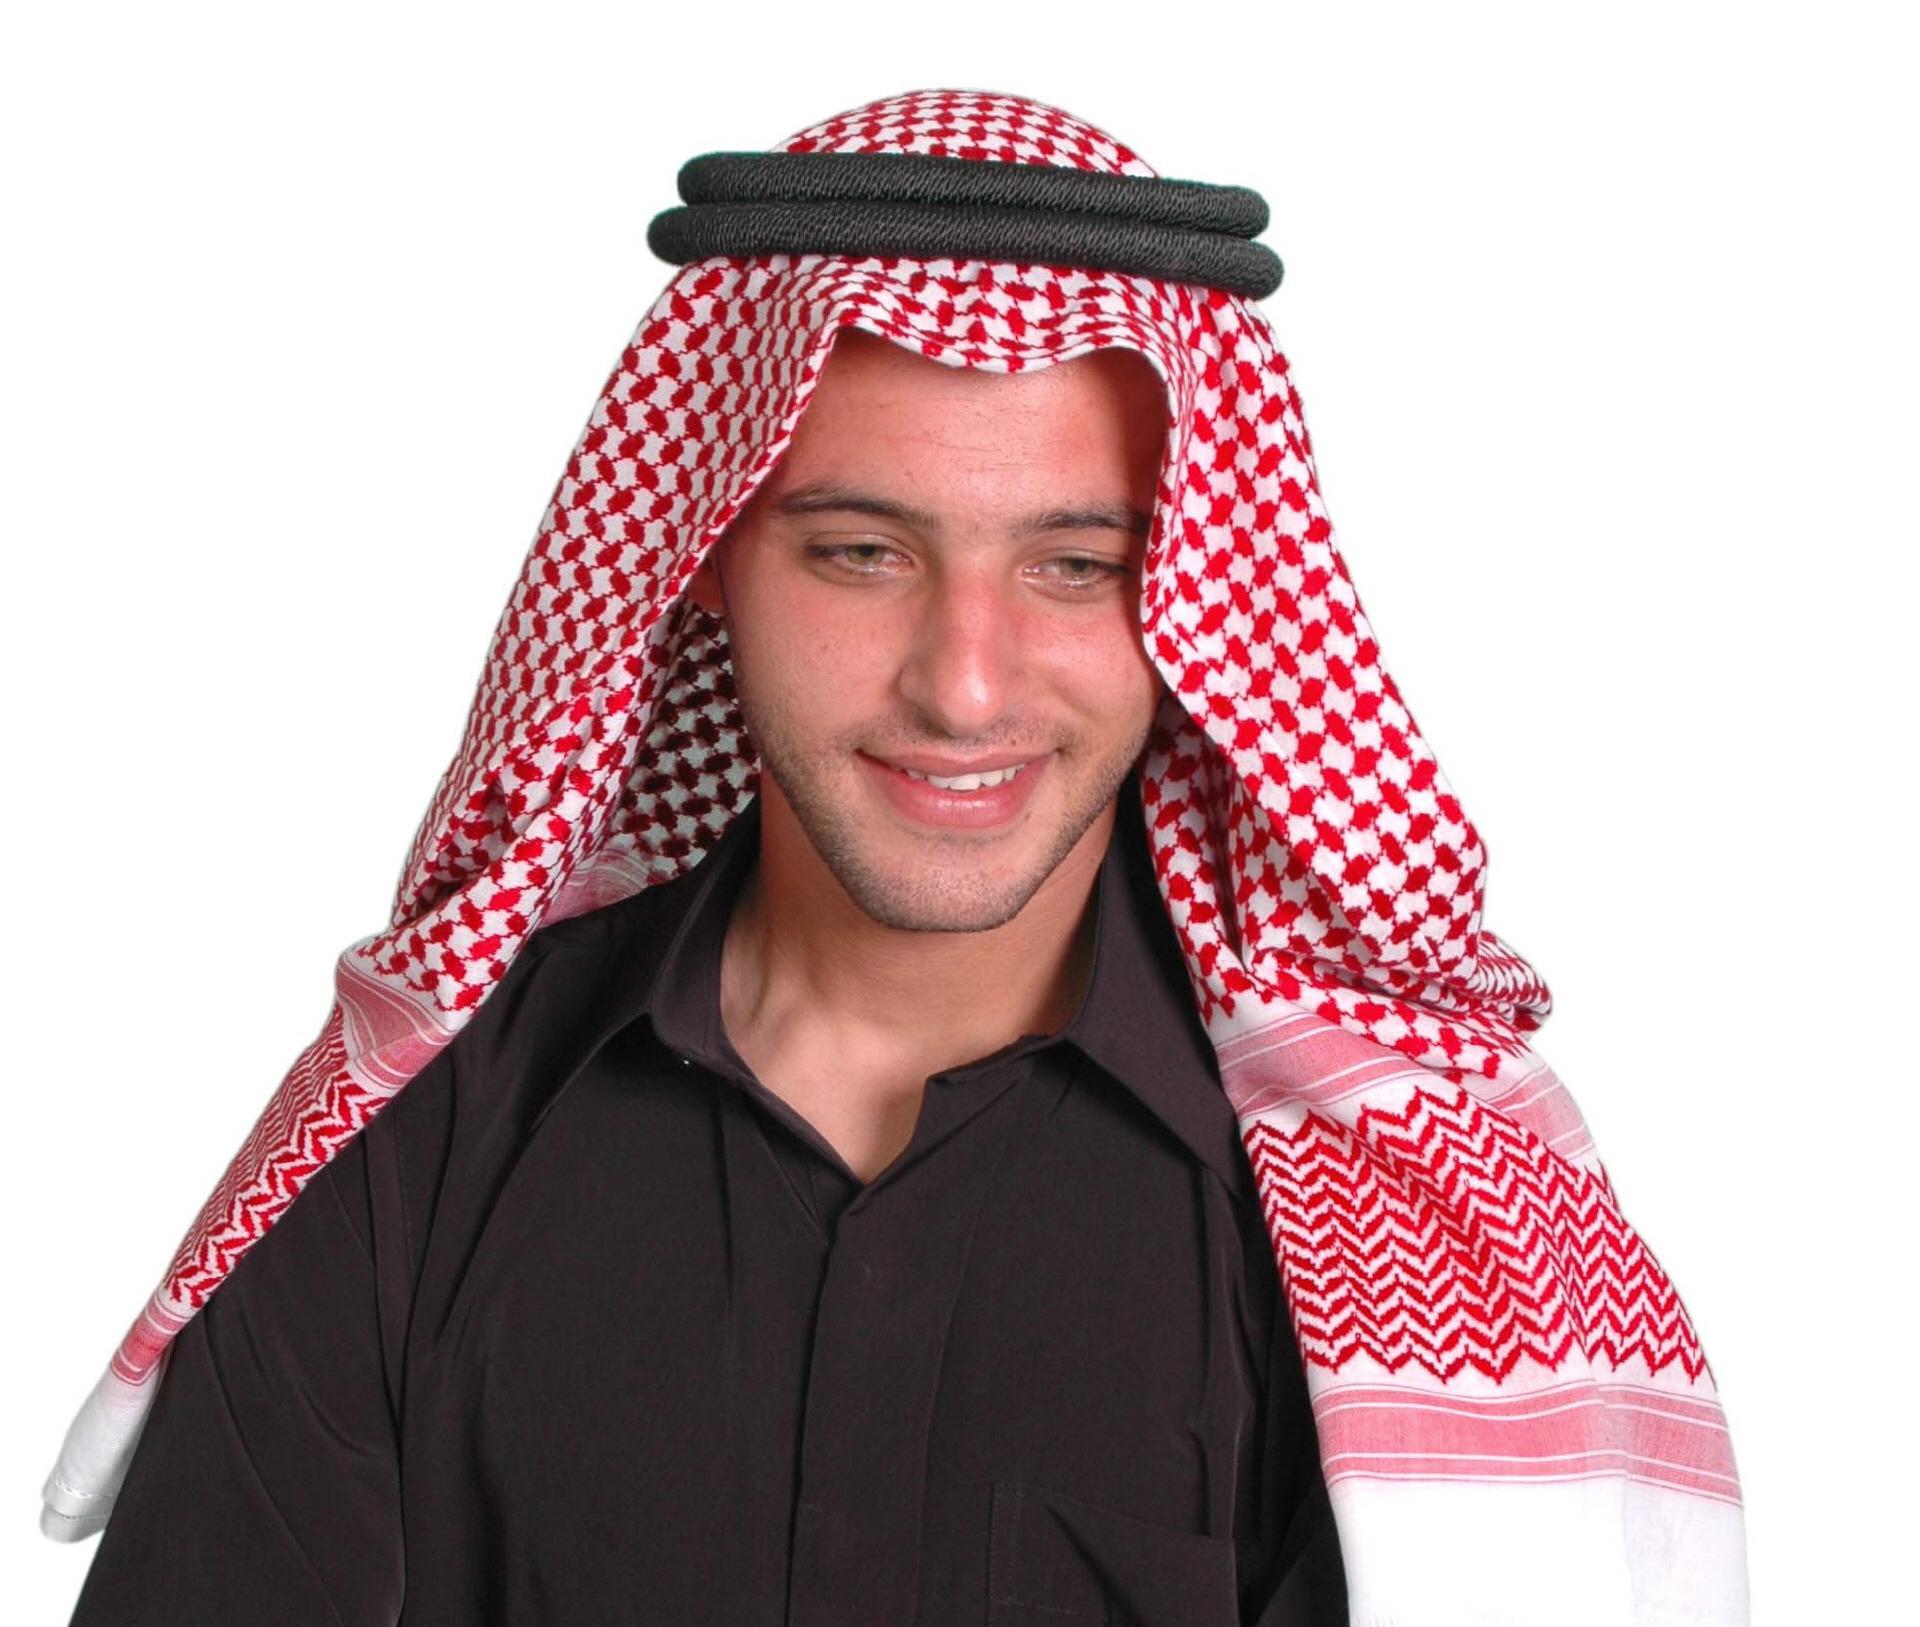 Kopfbedeckung Scheich Arabische Männer Kopfbedeckung